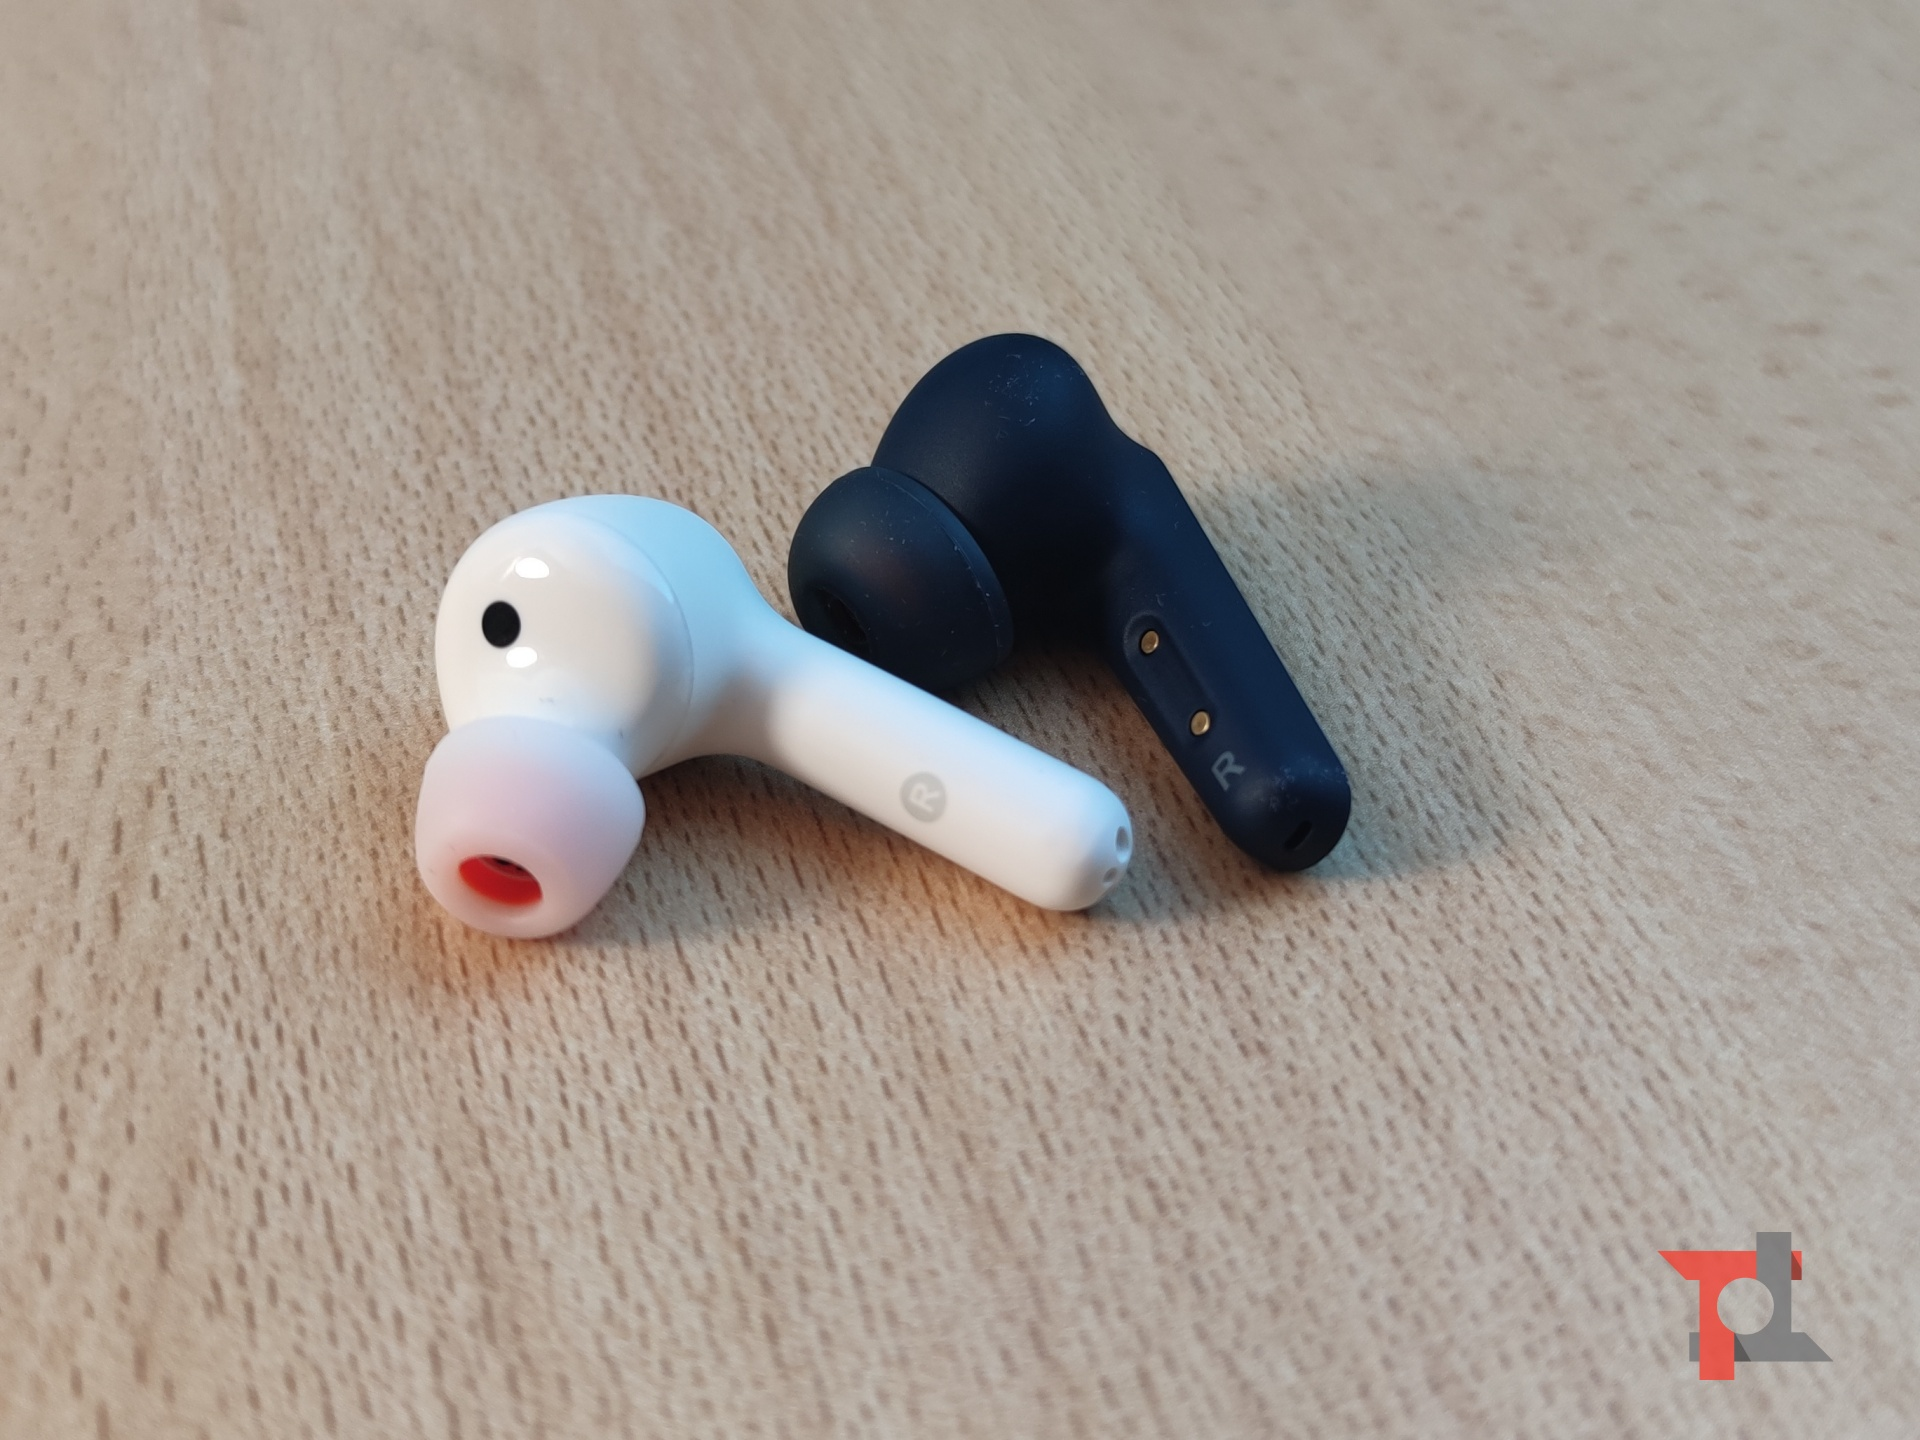 Recensione Soundcore Liberty Air 2 Pro, quando la cancellazione migliora l'audio 8